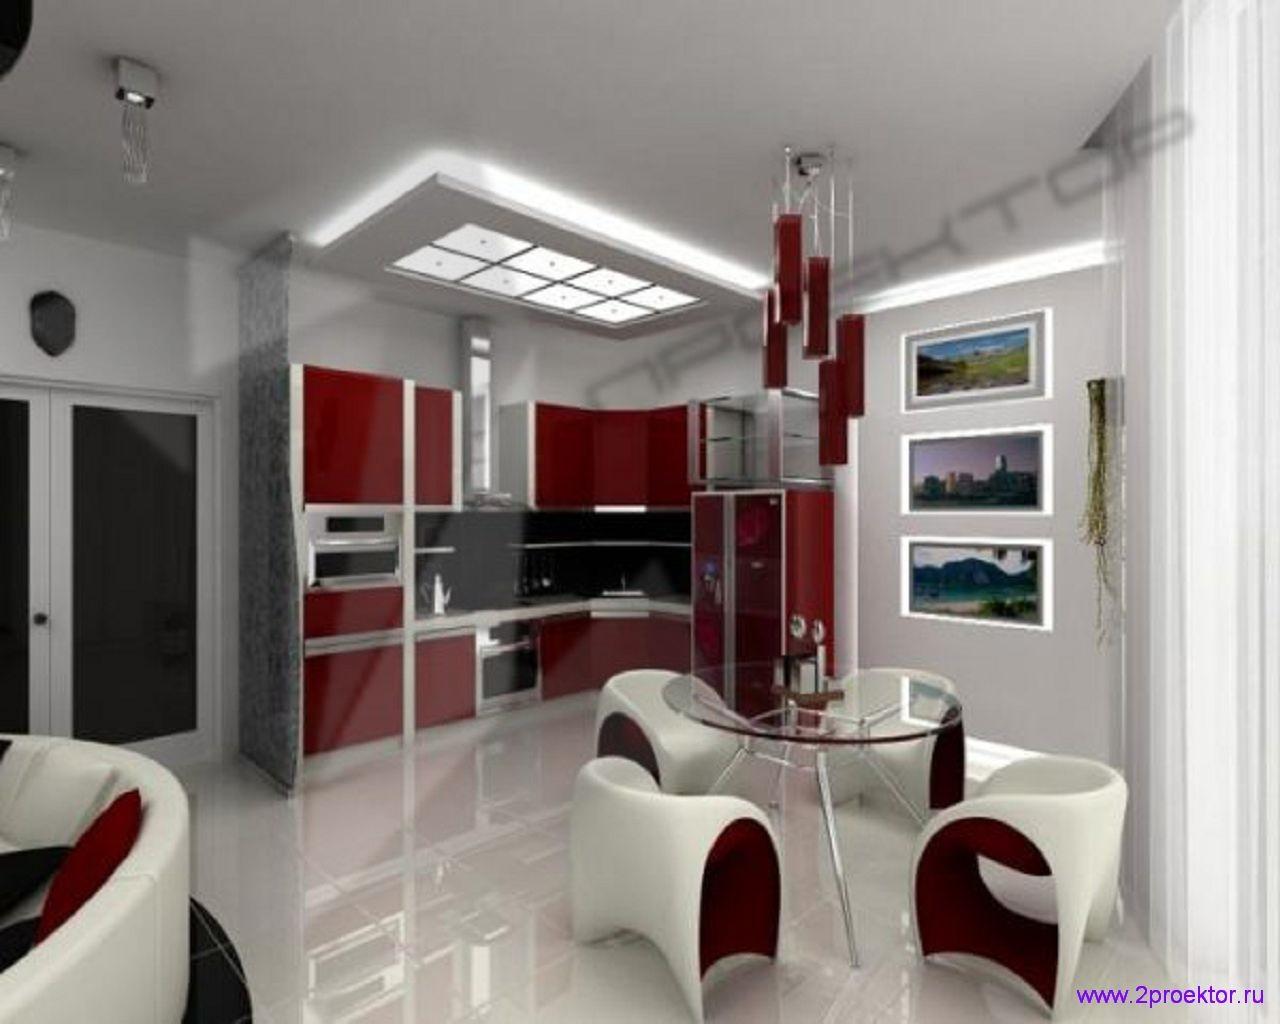 Яркий дизайн кухни-столовой в стихе хай-тек в Жилом комплексе Измайловский лес